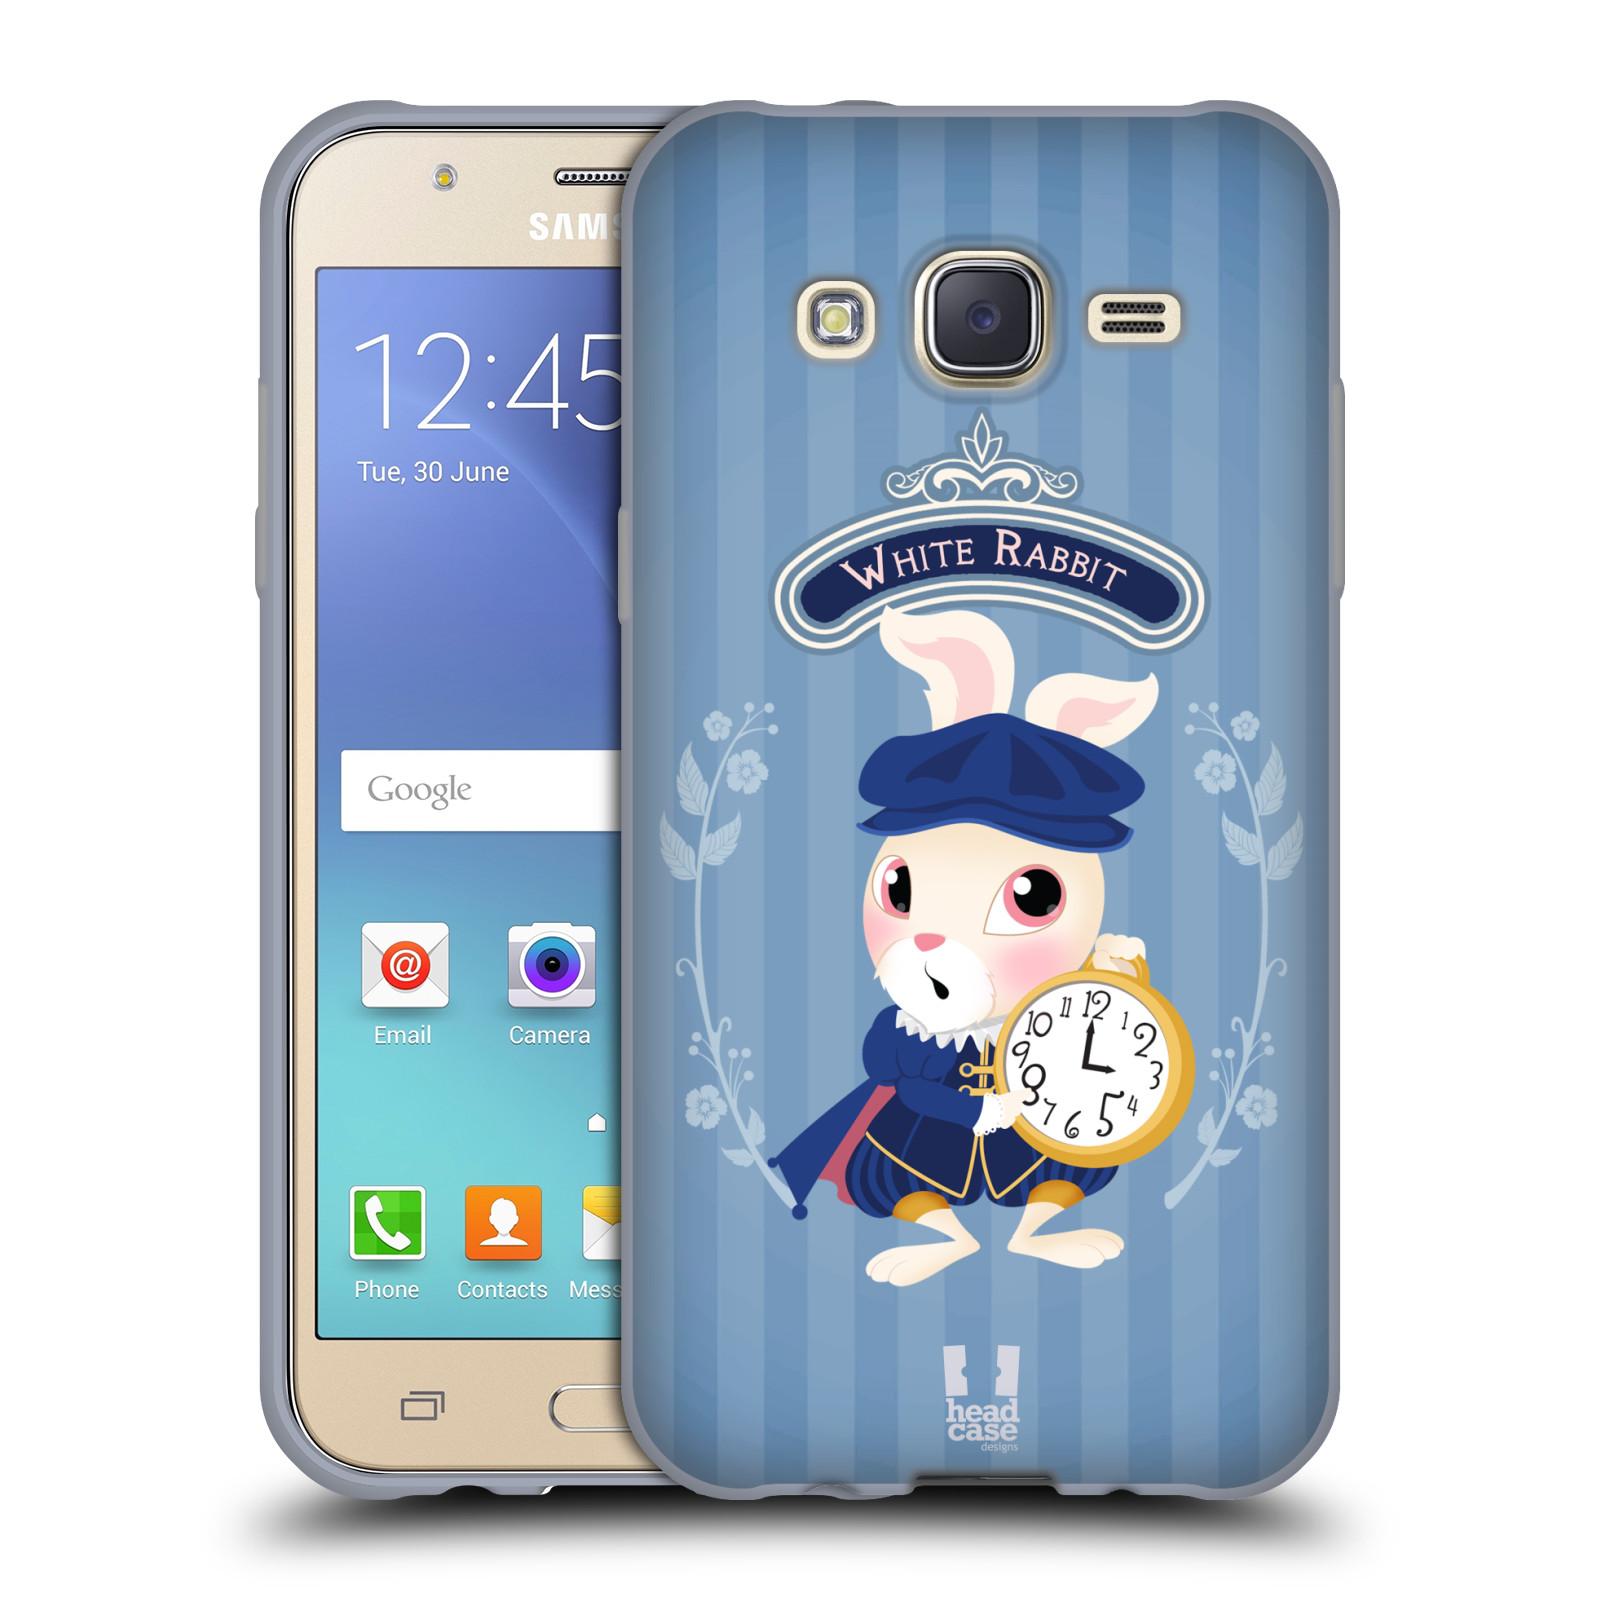 HEAD CASE silikonový obal na mobil Samsung Galaxy J5, J500, (J5 DUOS) vzor Alenka v říši divů králíček